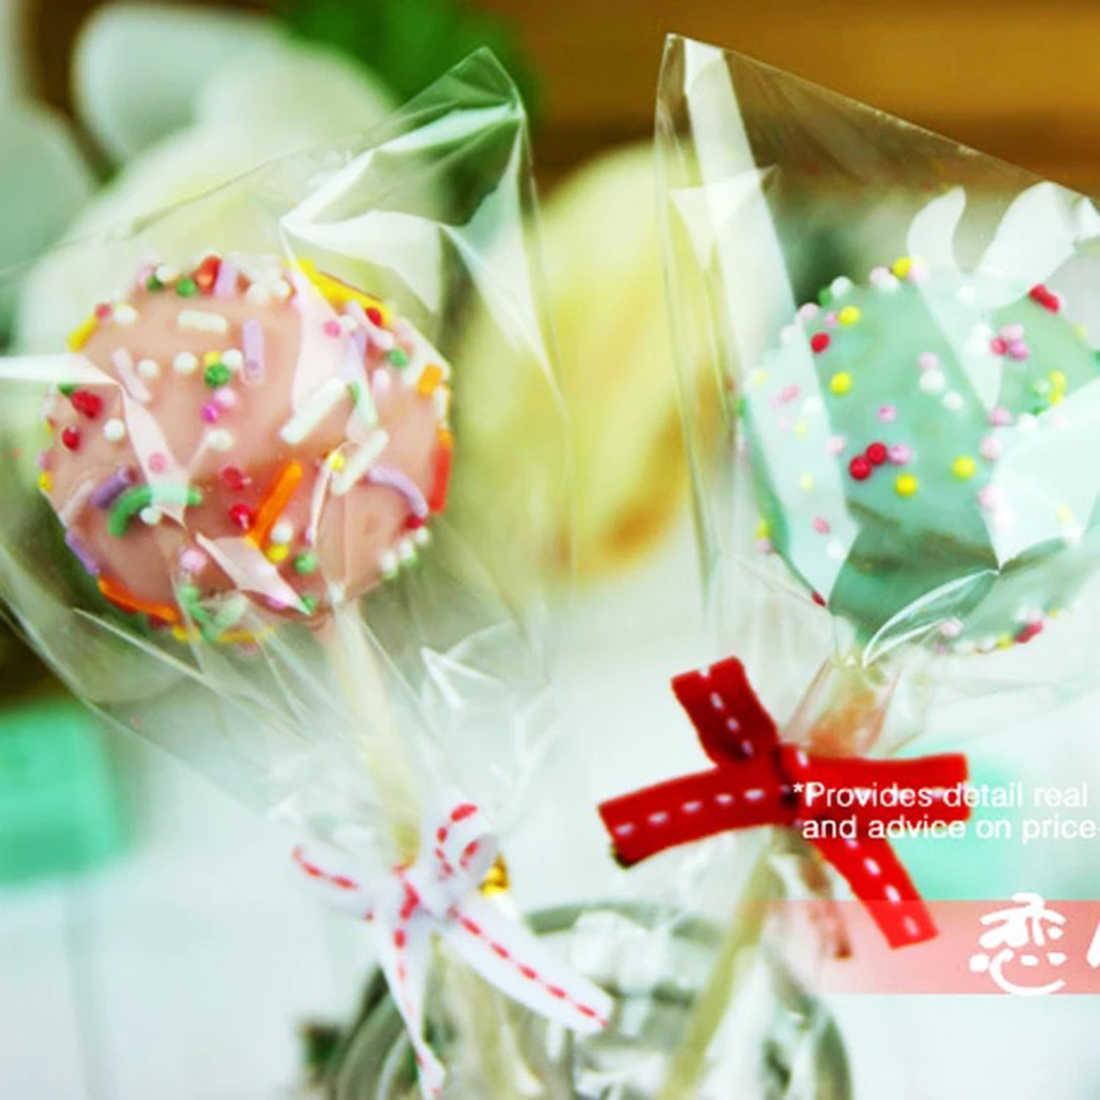 100 шт прозрачная Конфета подарочные пакеты леденец сладости плоские обертывания сумки мерчендайз упаковка мешок контейнер для пищевых продуктов небольшой полиэтиленовый пакет